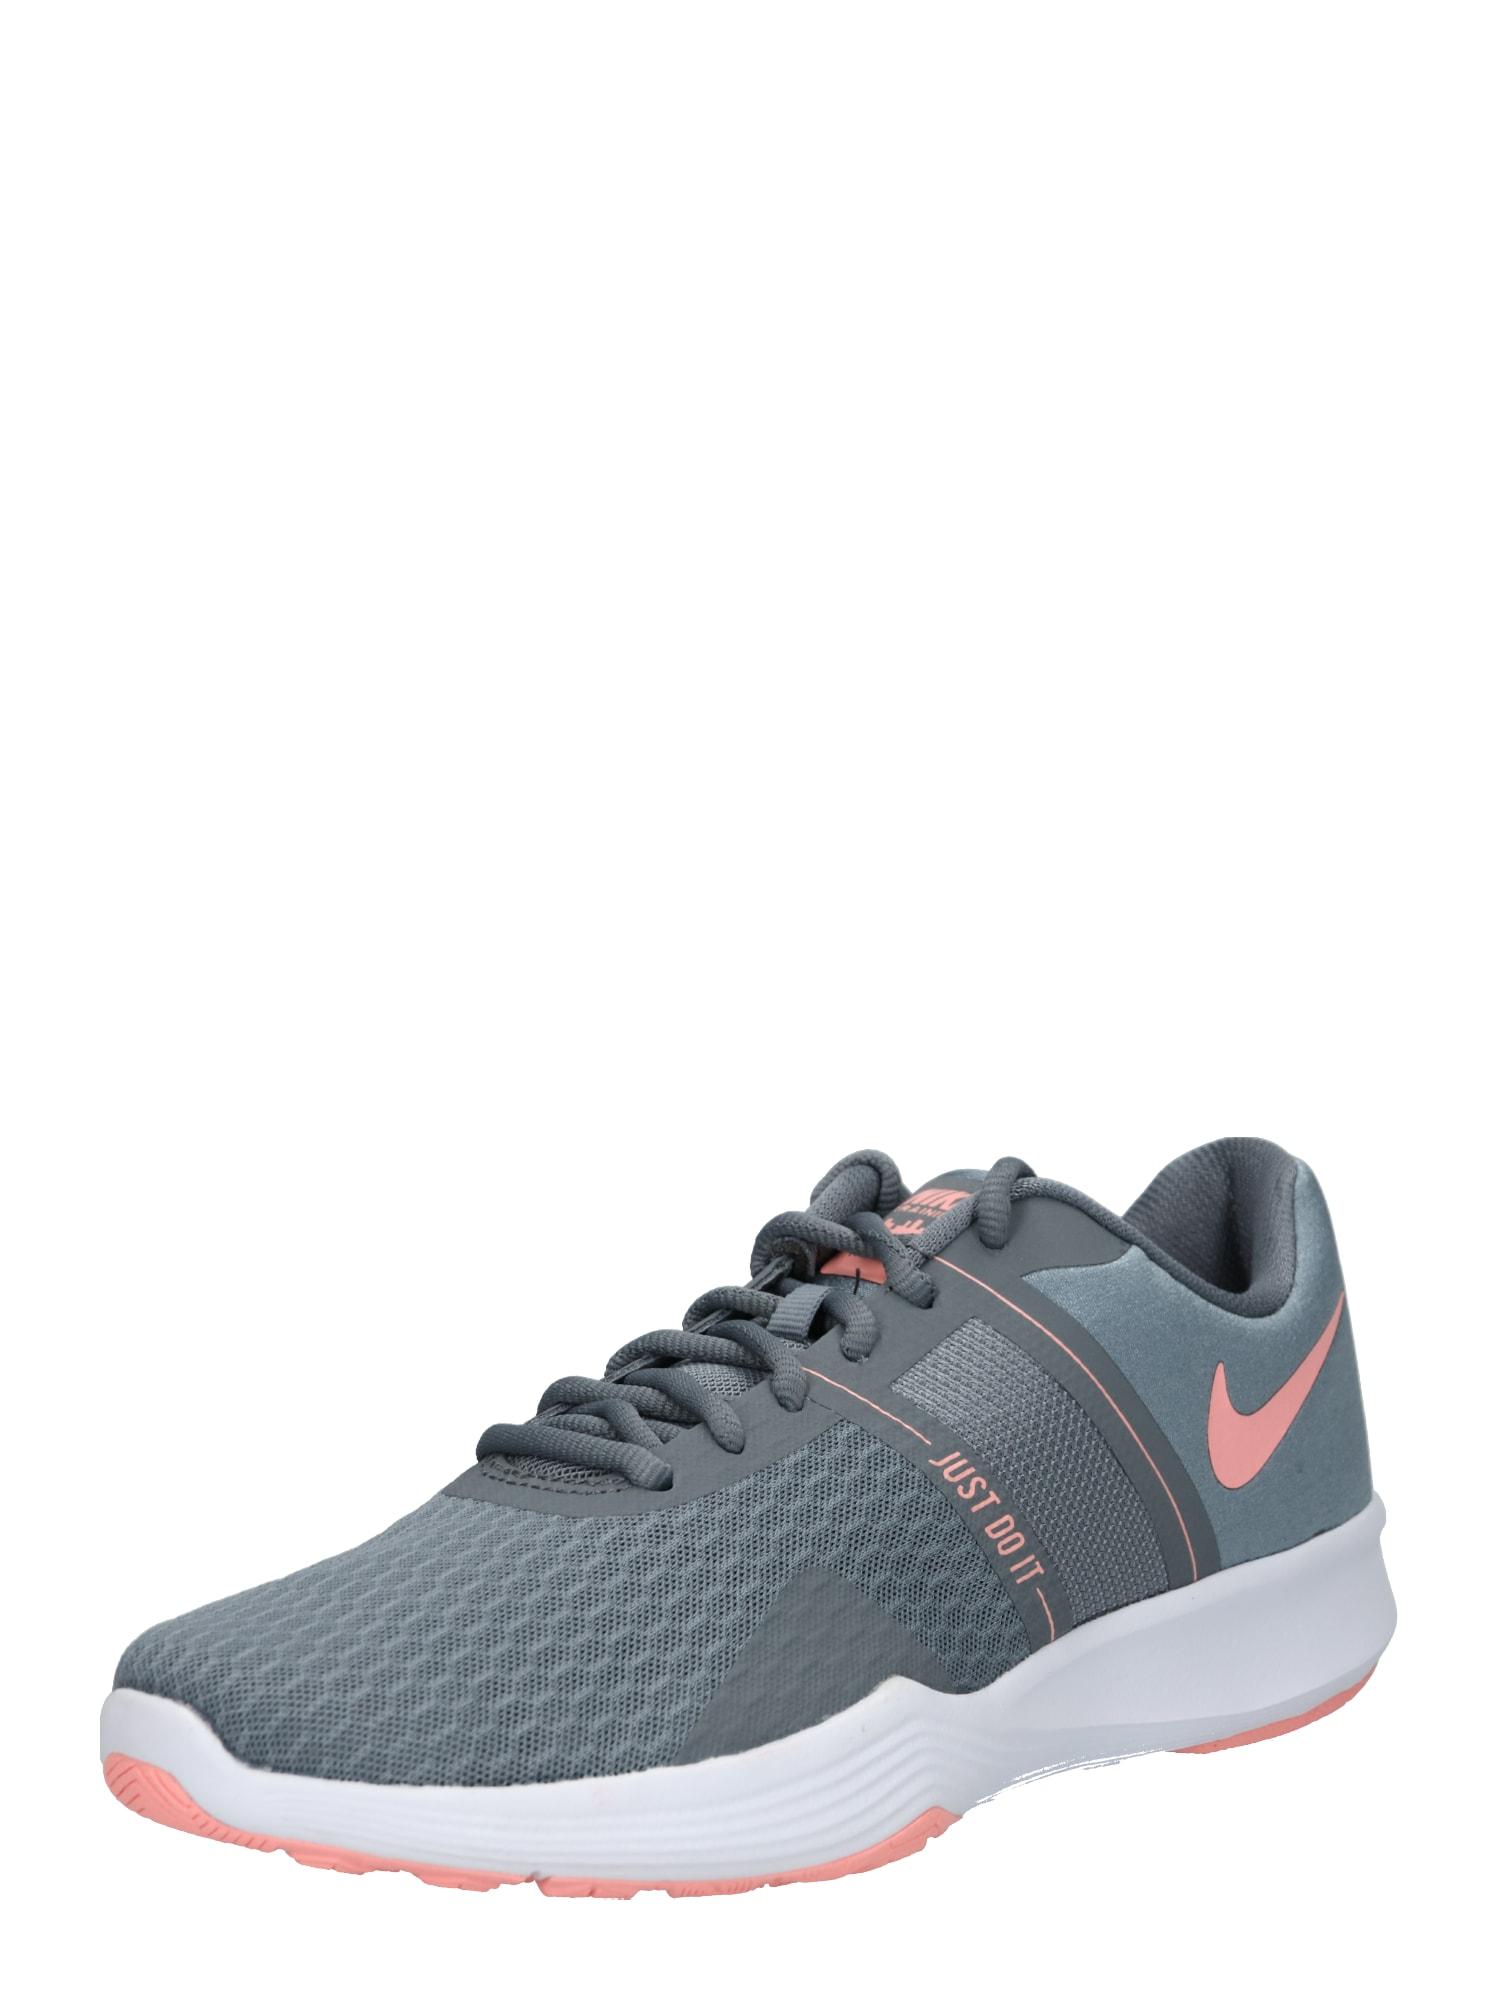 Sportovní boty City Trainer 2 tmavě šedá růžová NIKE